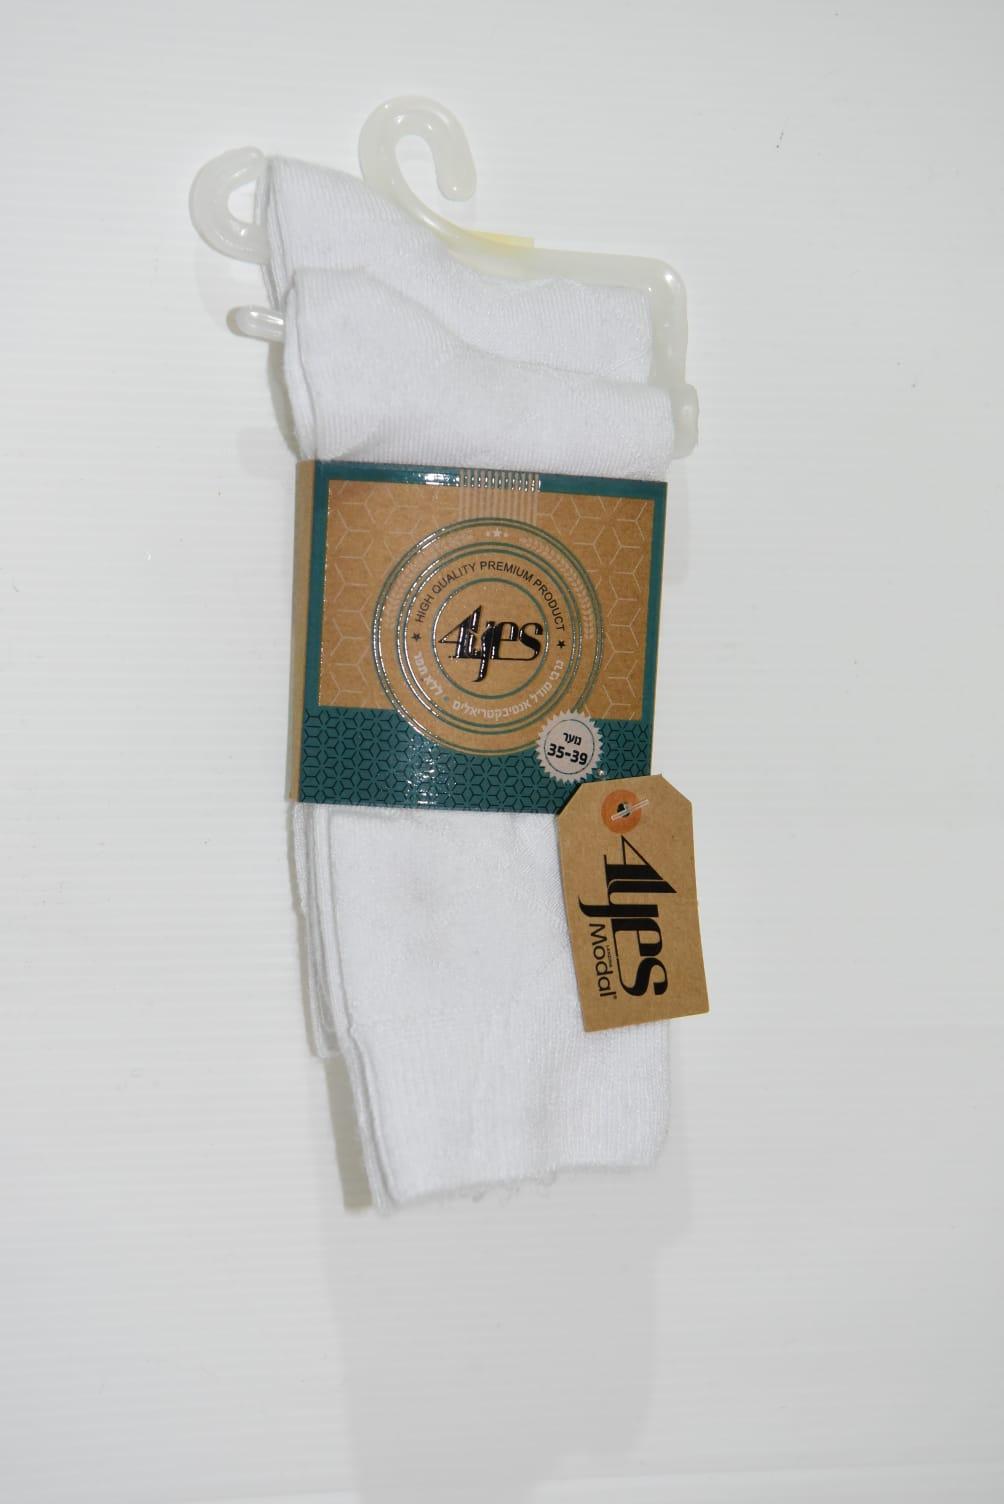 מודל 11 לבן במארז